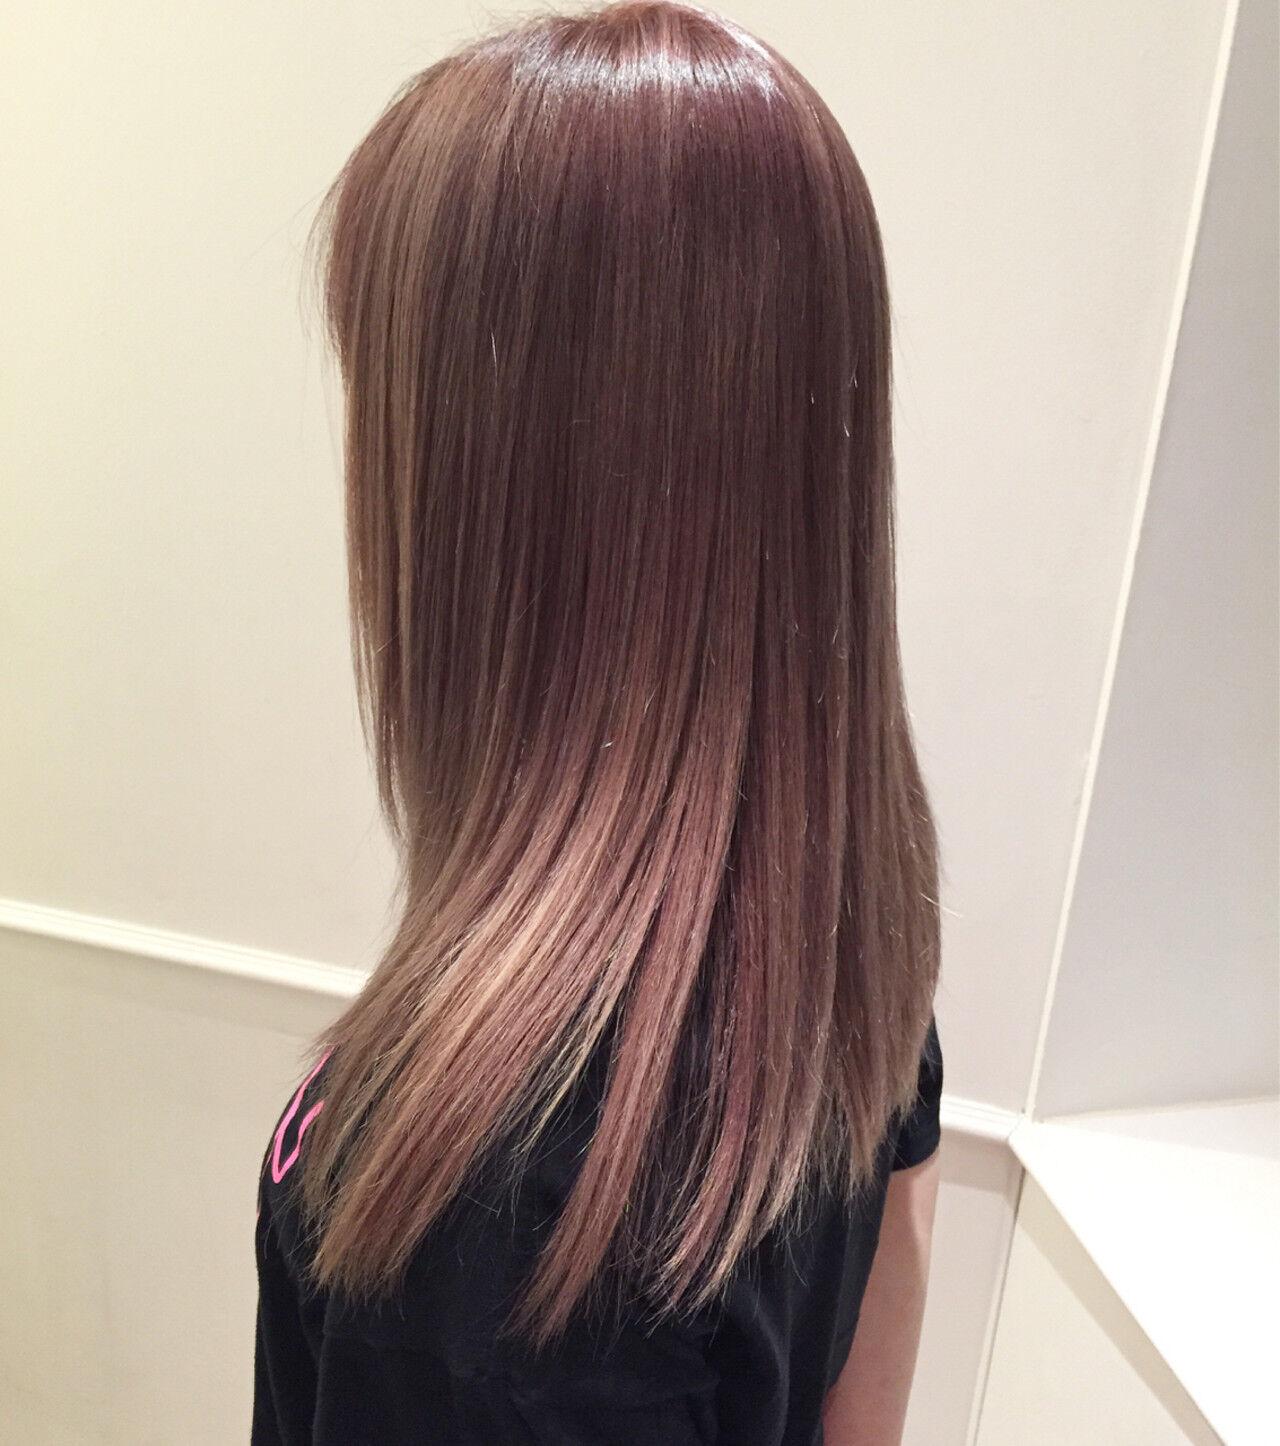 セミロング ストレート ピンク 艶髪ヘアスタイルや髪型の写真・画像